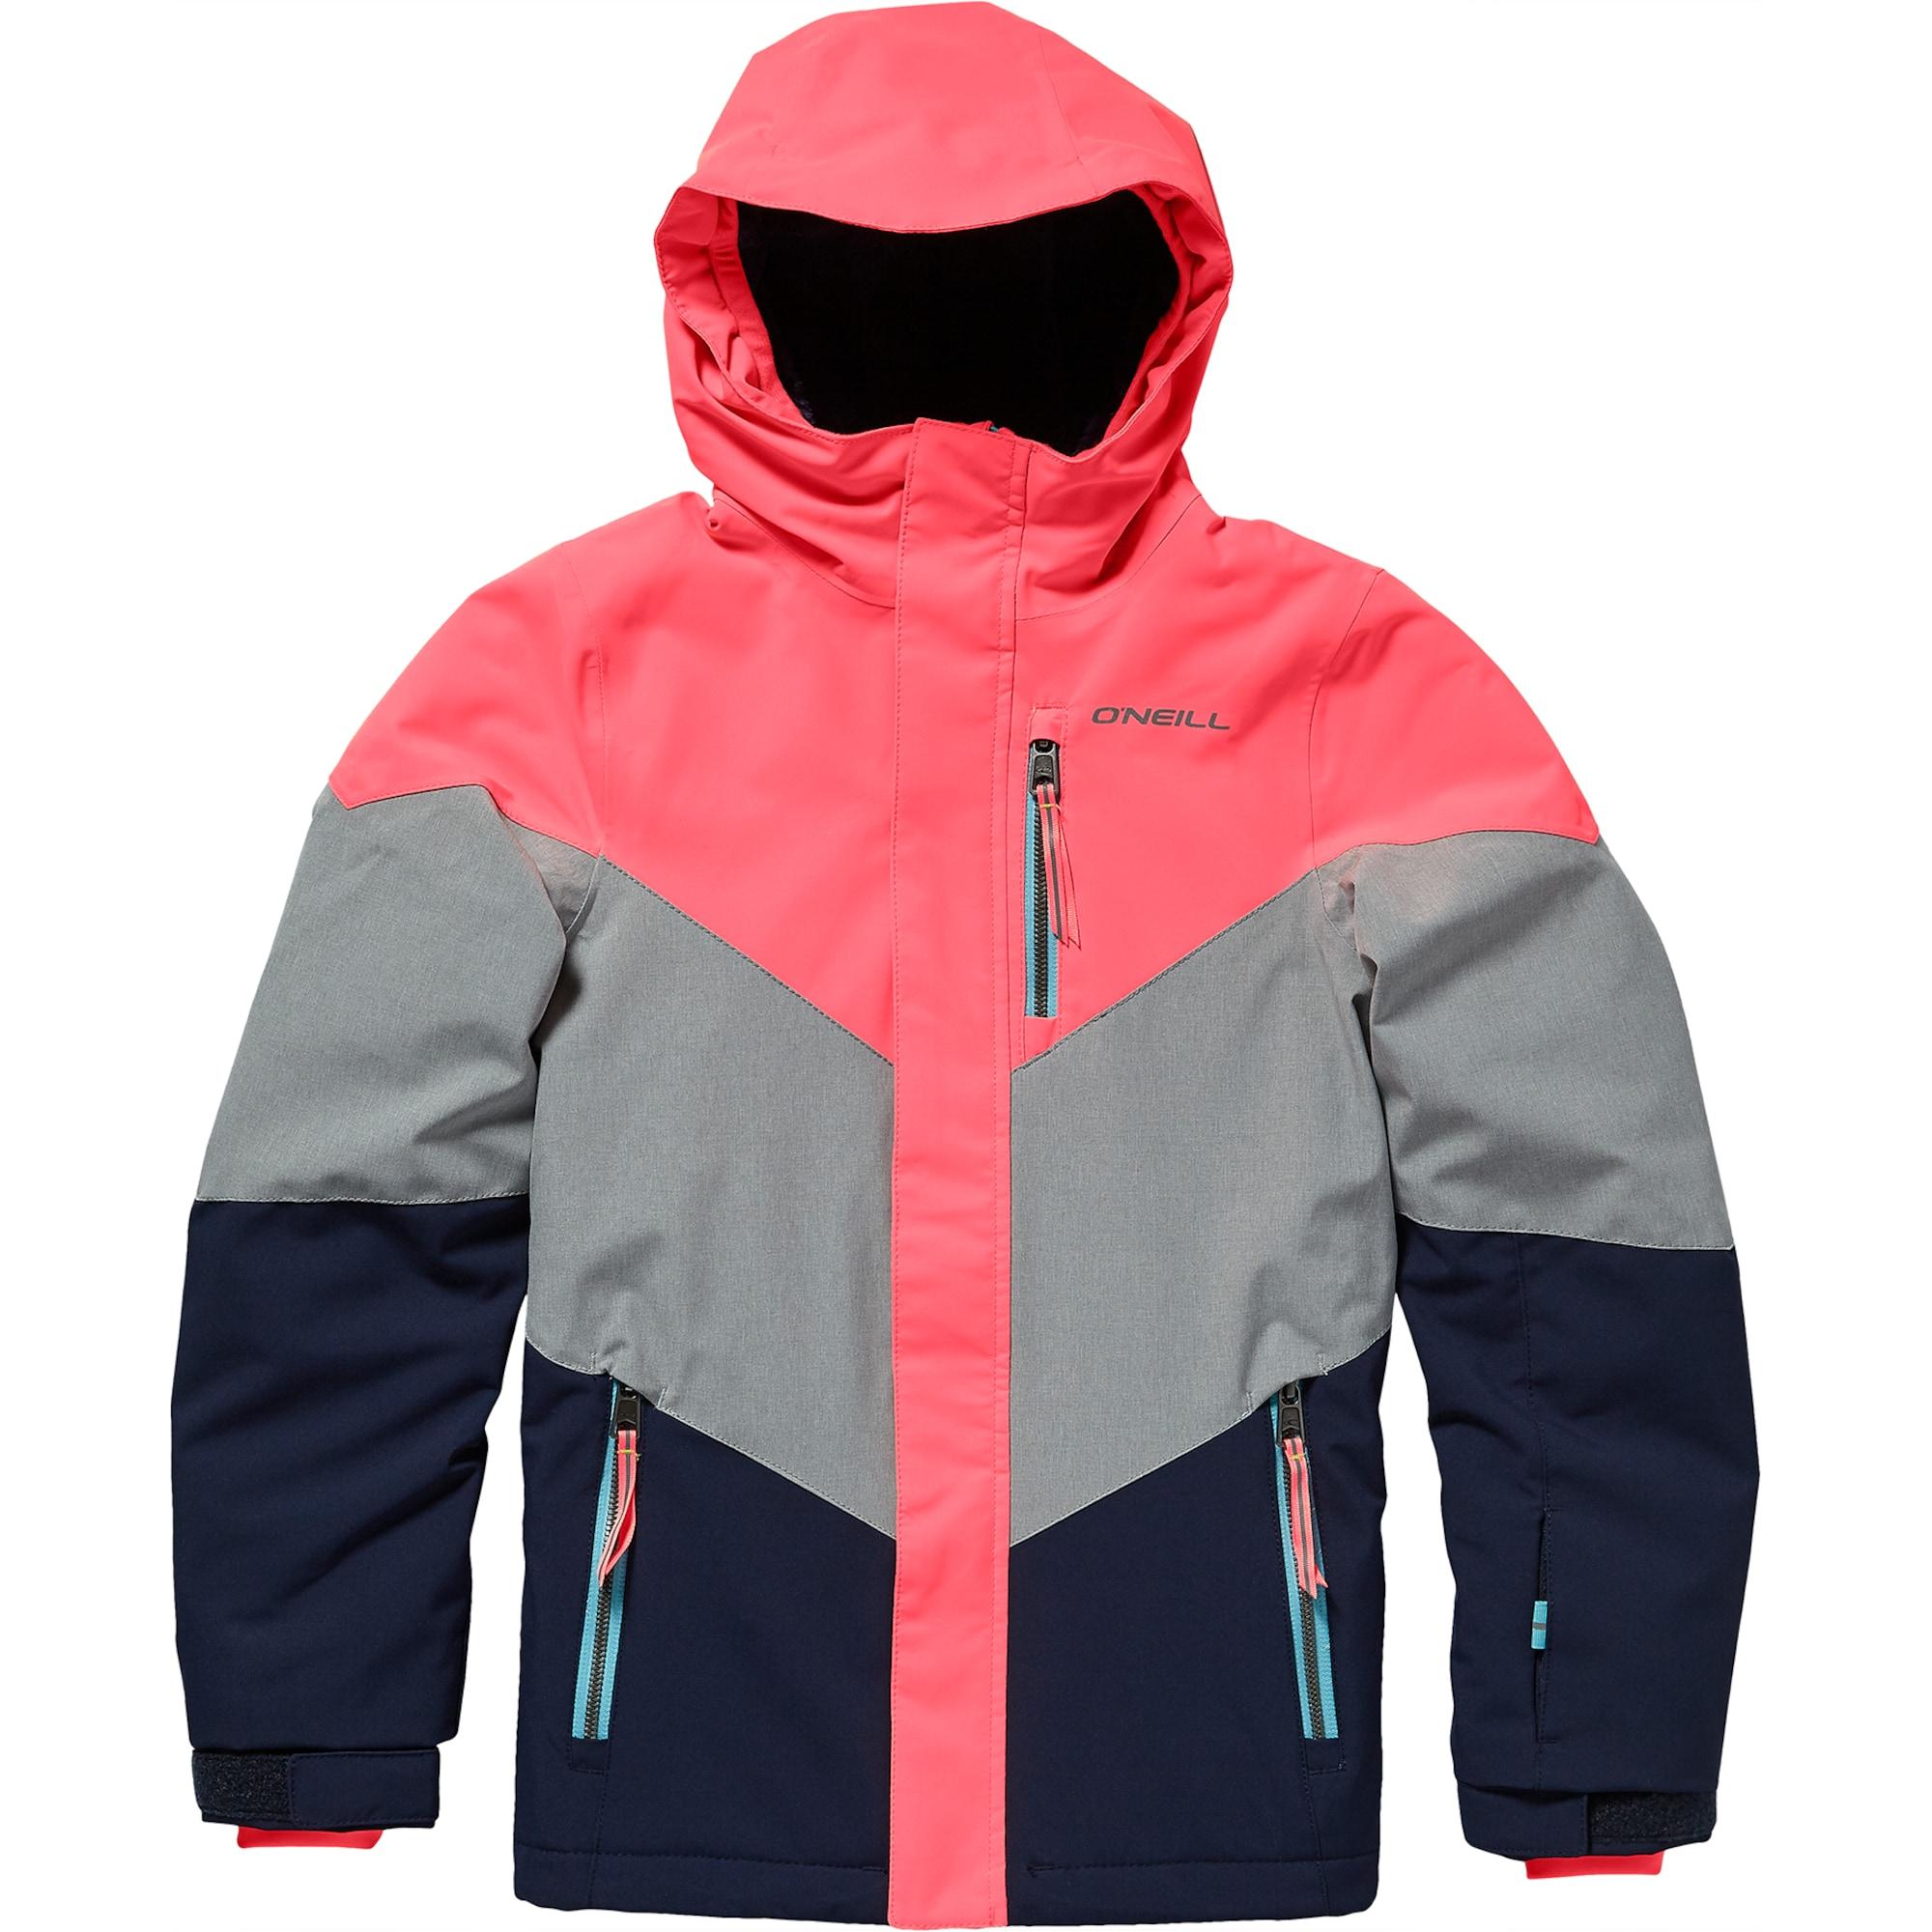 ONEILL Zimní bunda PG CORAL JACKET modrá šedá pink O'NEILL